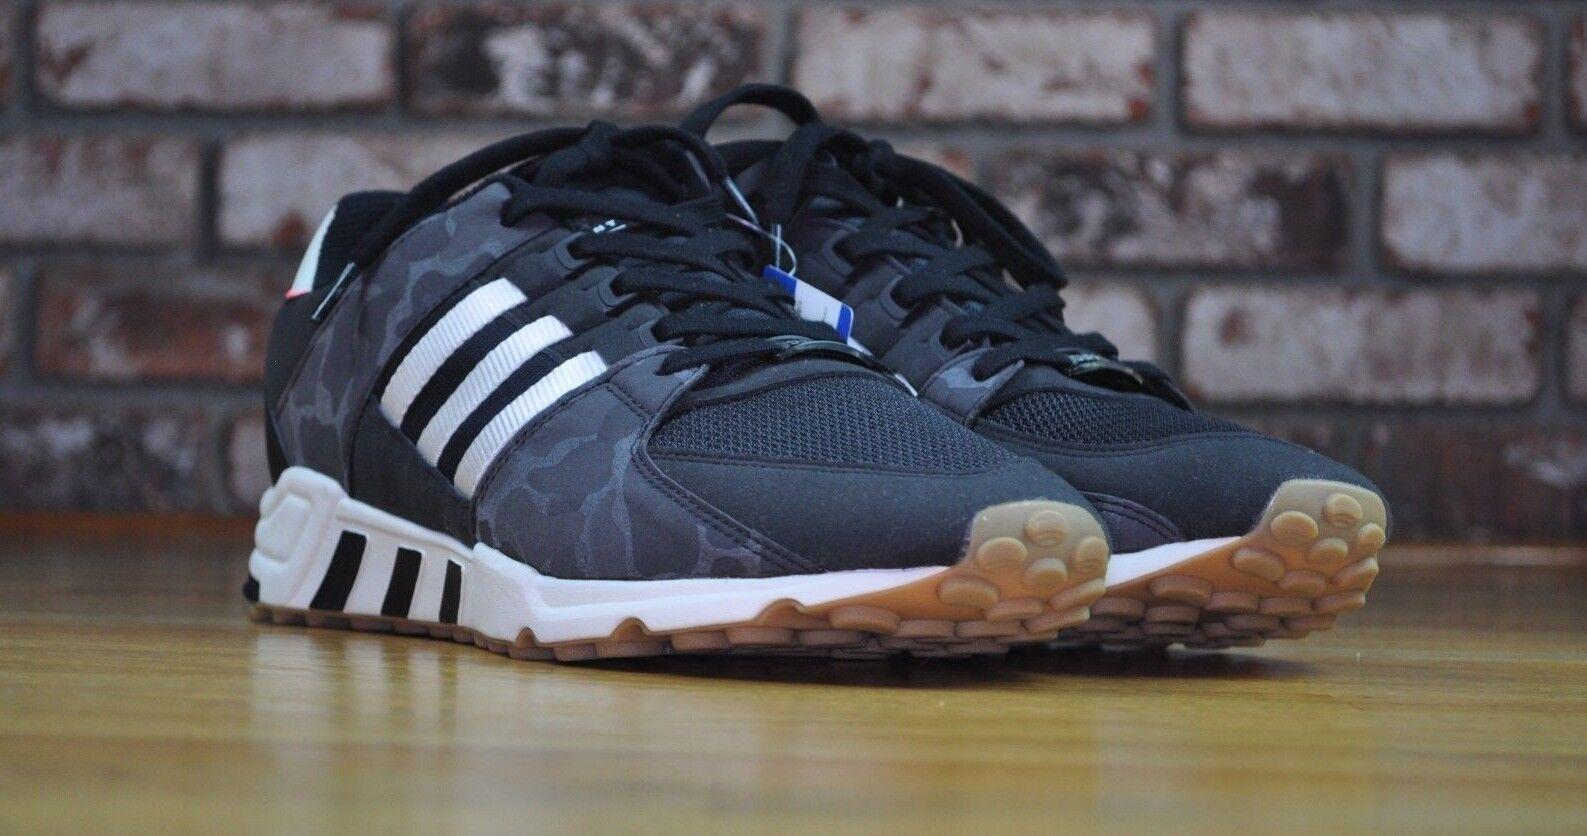 Adidas EQT Support RF Equipment Core Black Gum Camo Mens BB1324 Size 13